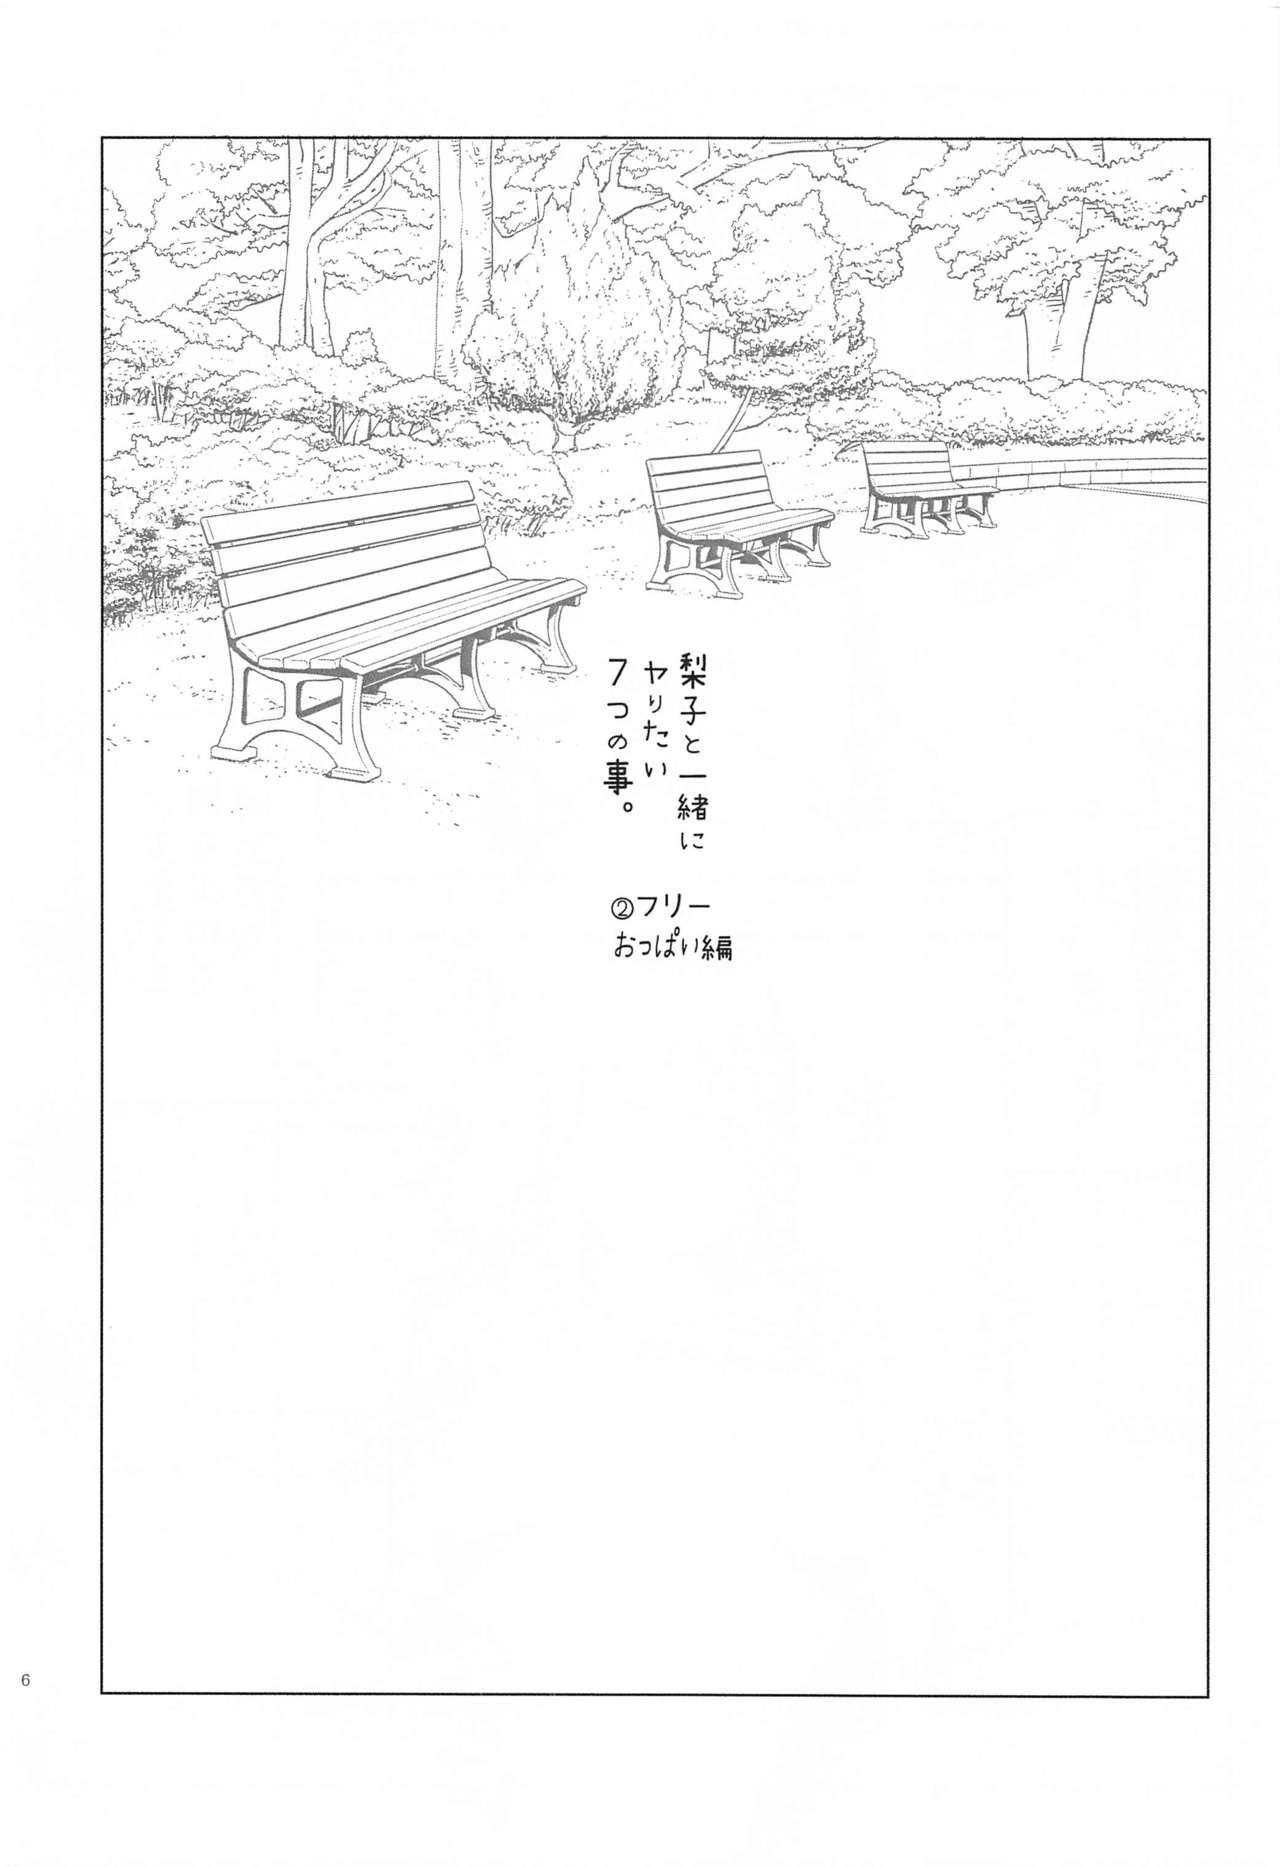 Nashigo to Issho ni Yaritai 7-tsu no Koto. 6